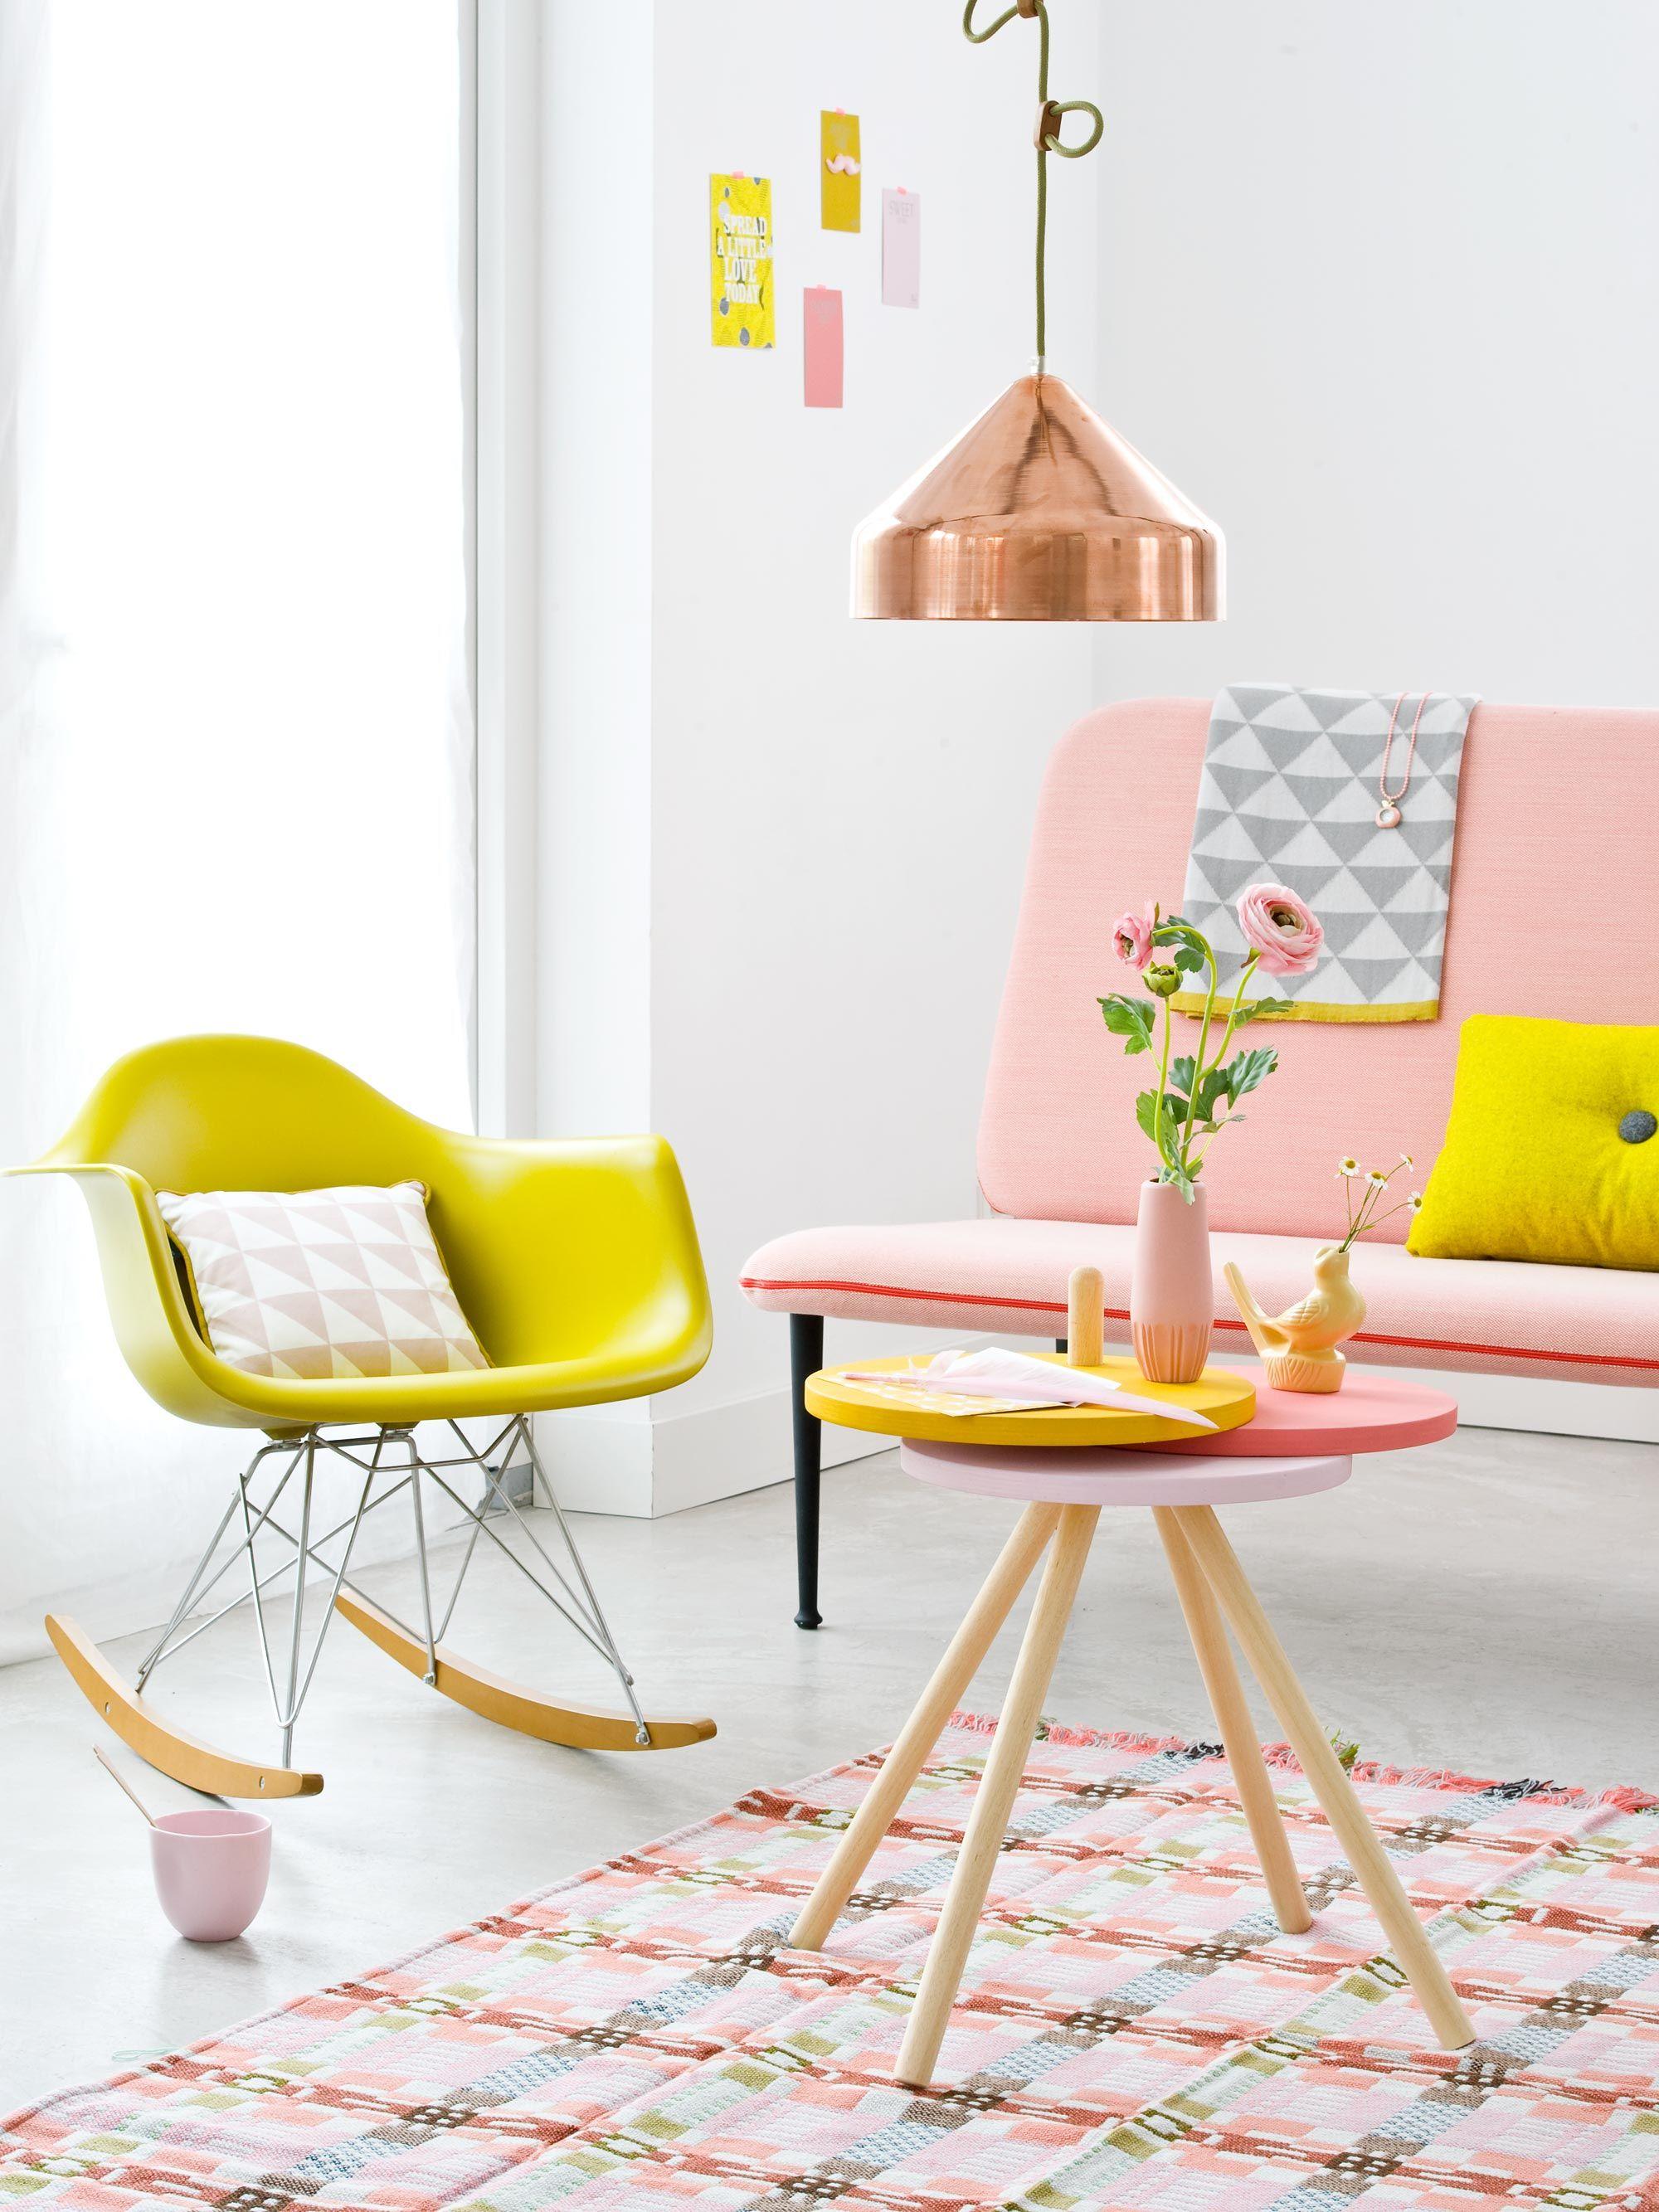 Zelfmaak tafel - Woonkamer | Pinterest - Ikea, Zoeken en Google